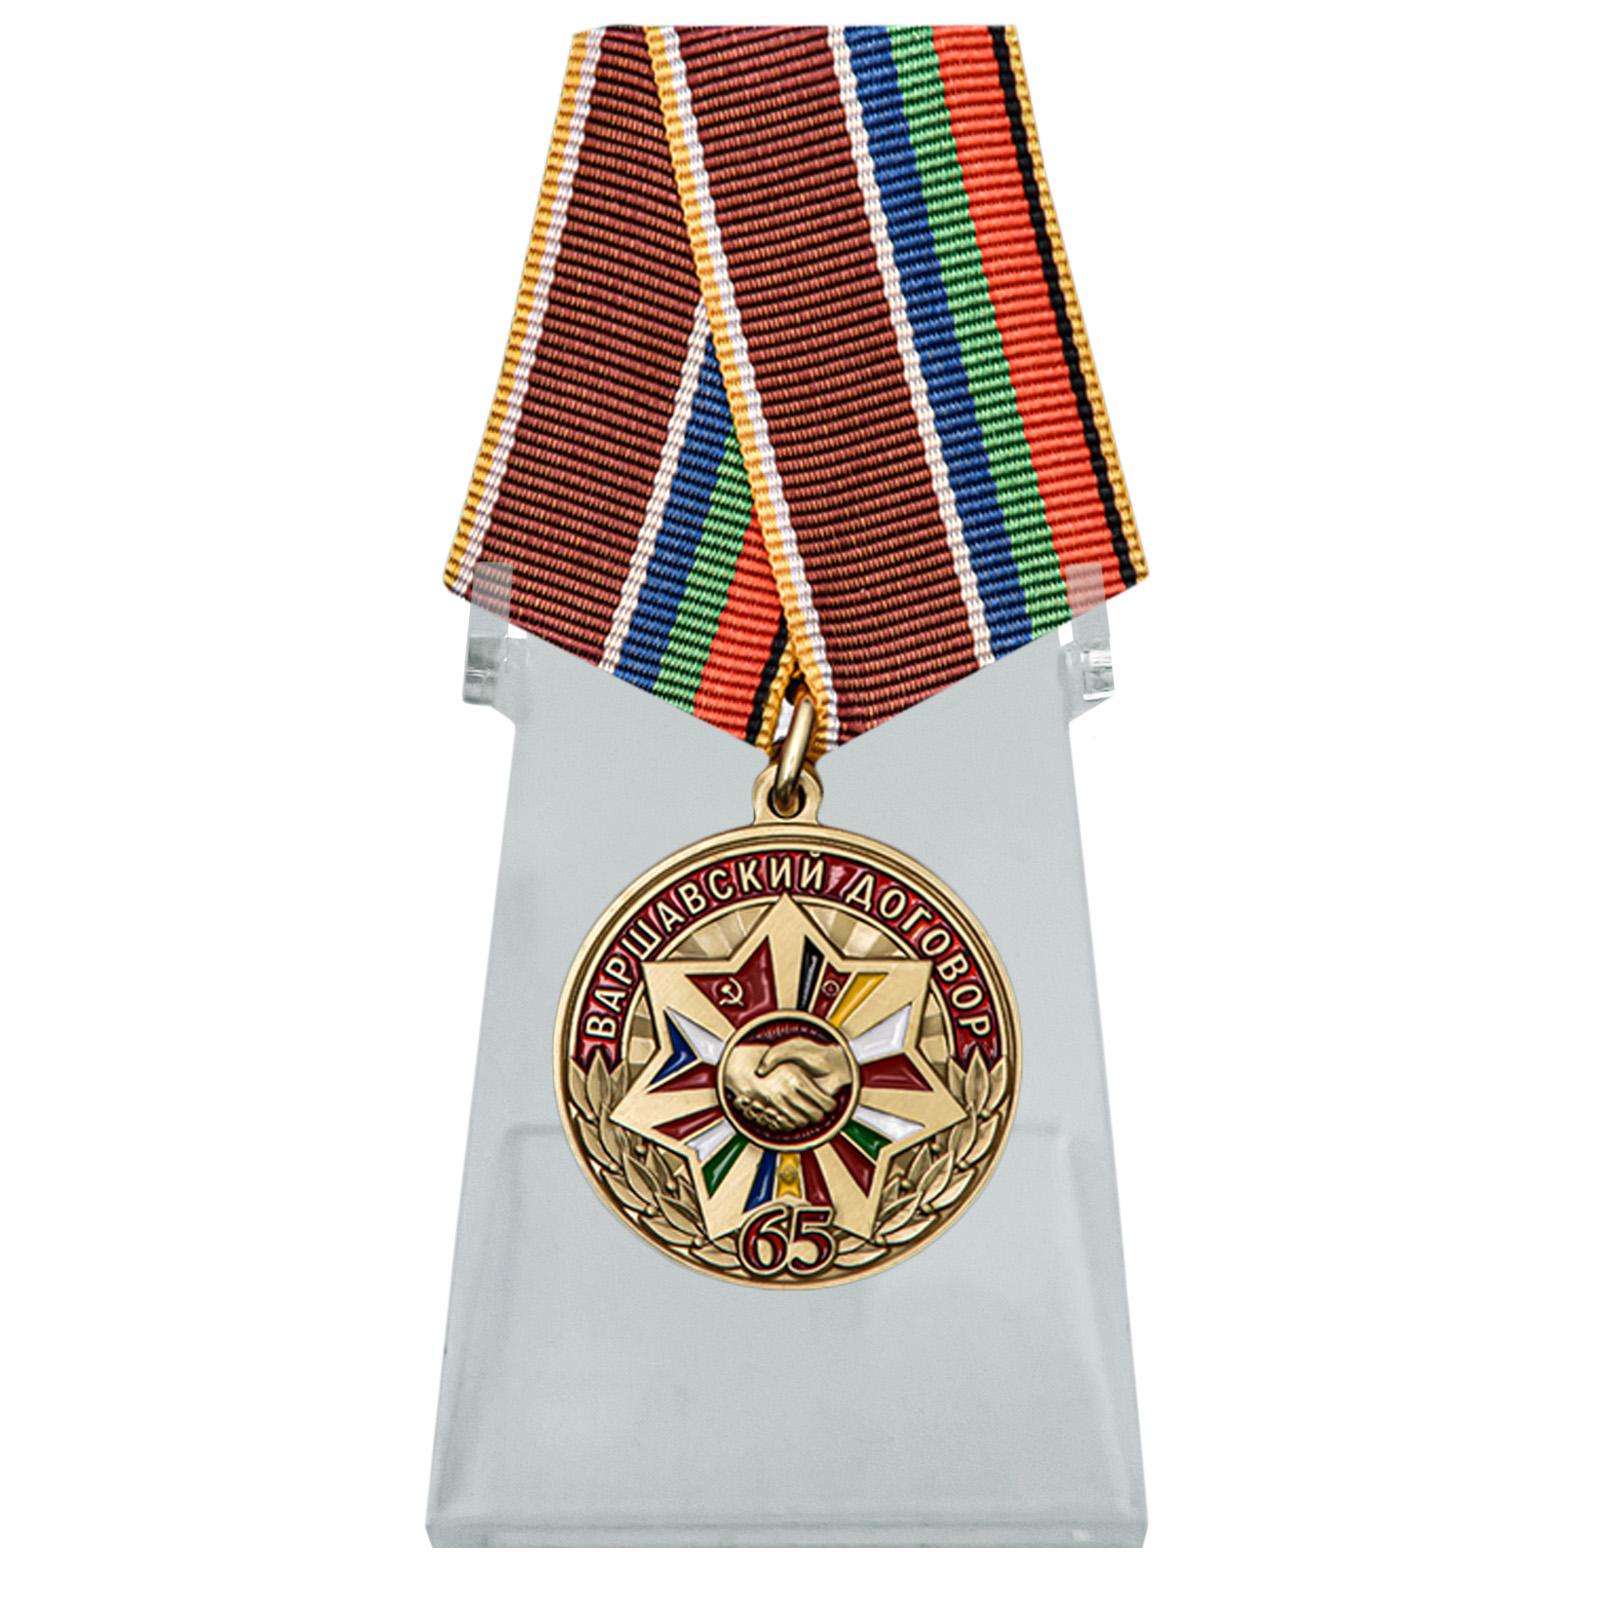 Медаль 65 лет Варшавскому договору на подставке